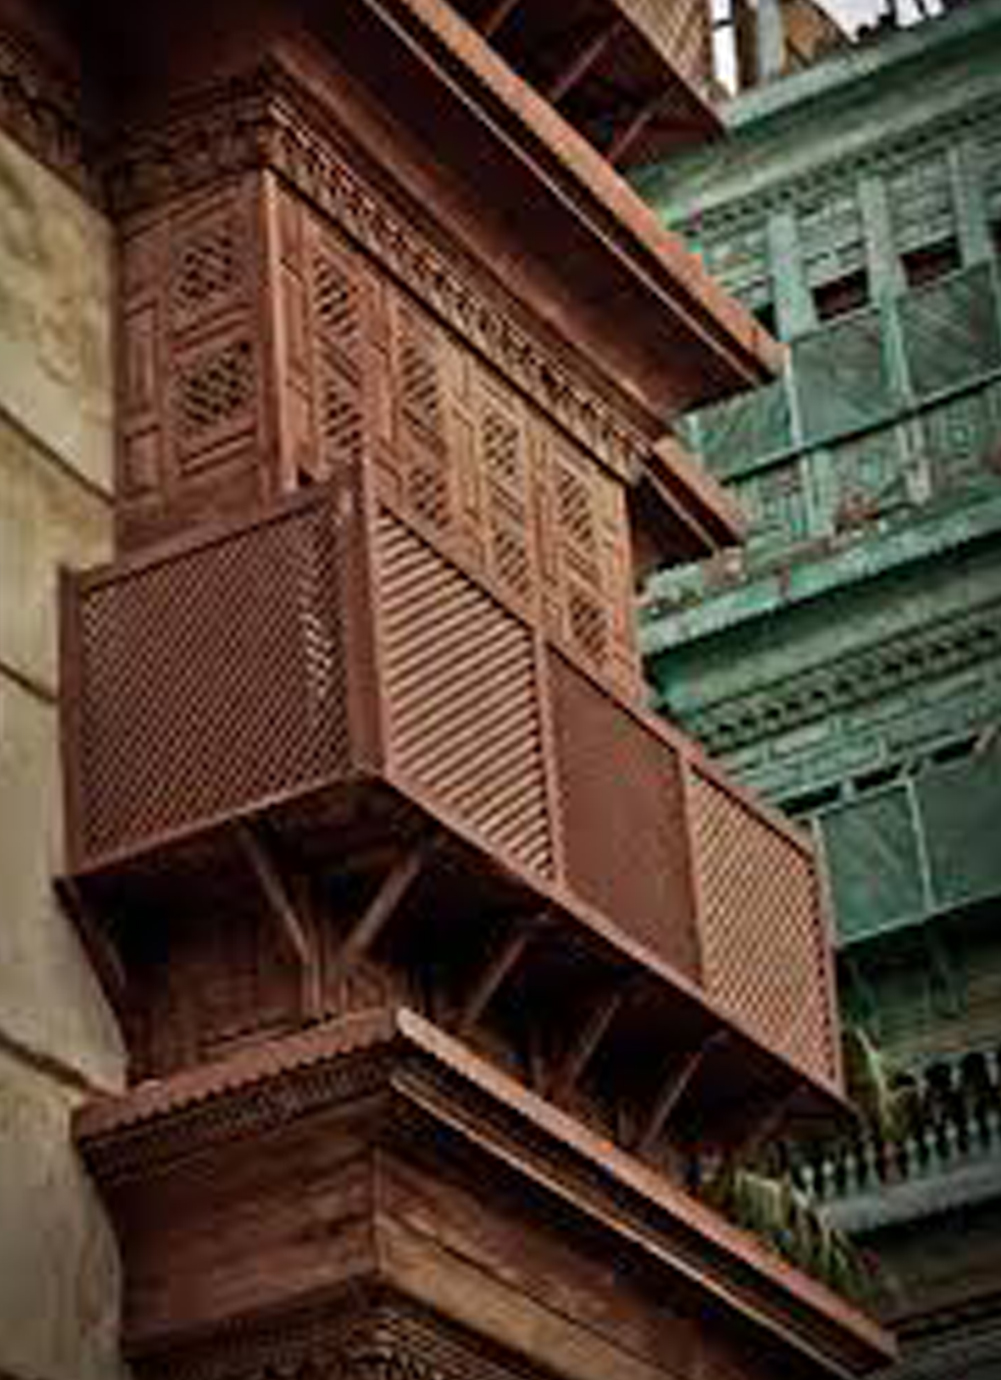 تصميم الروشان واهميته للمسكن